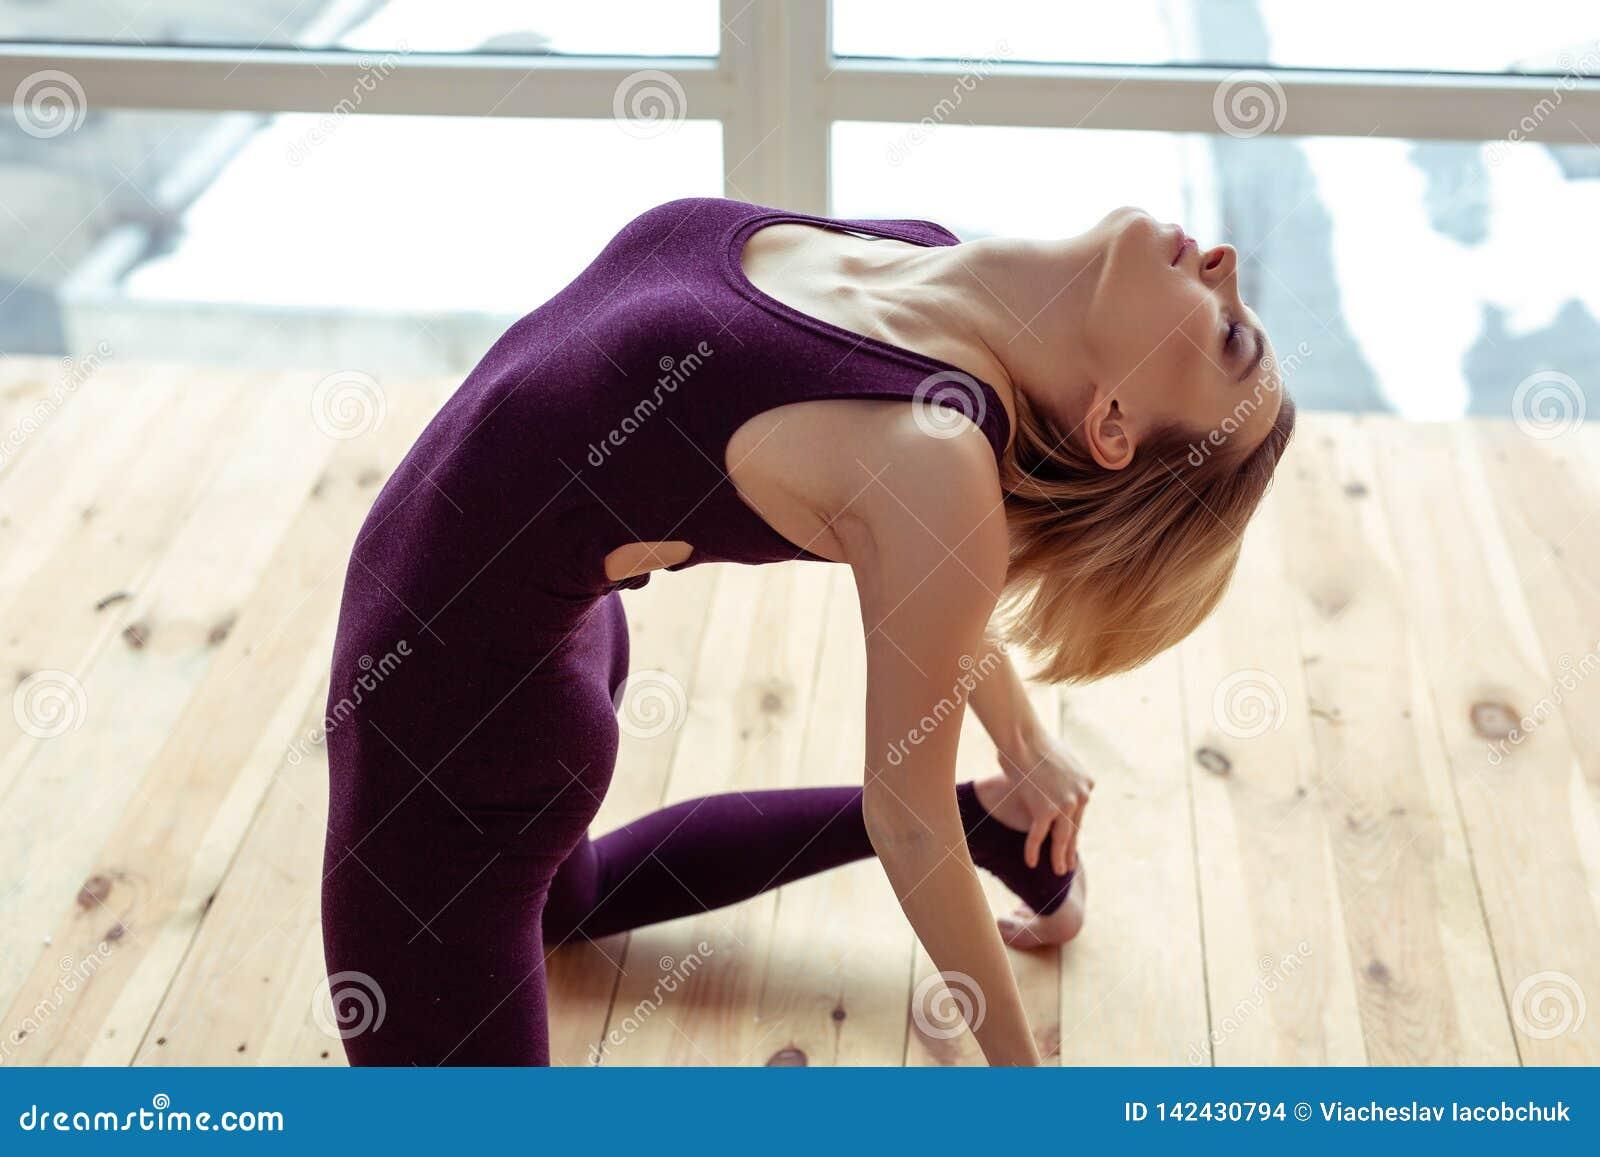 Rozważny atrakcyjnej kobiety obsiadanie na nagiej drewnianej podłodze